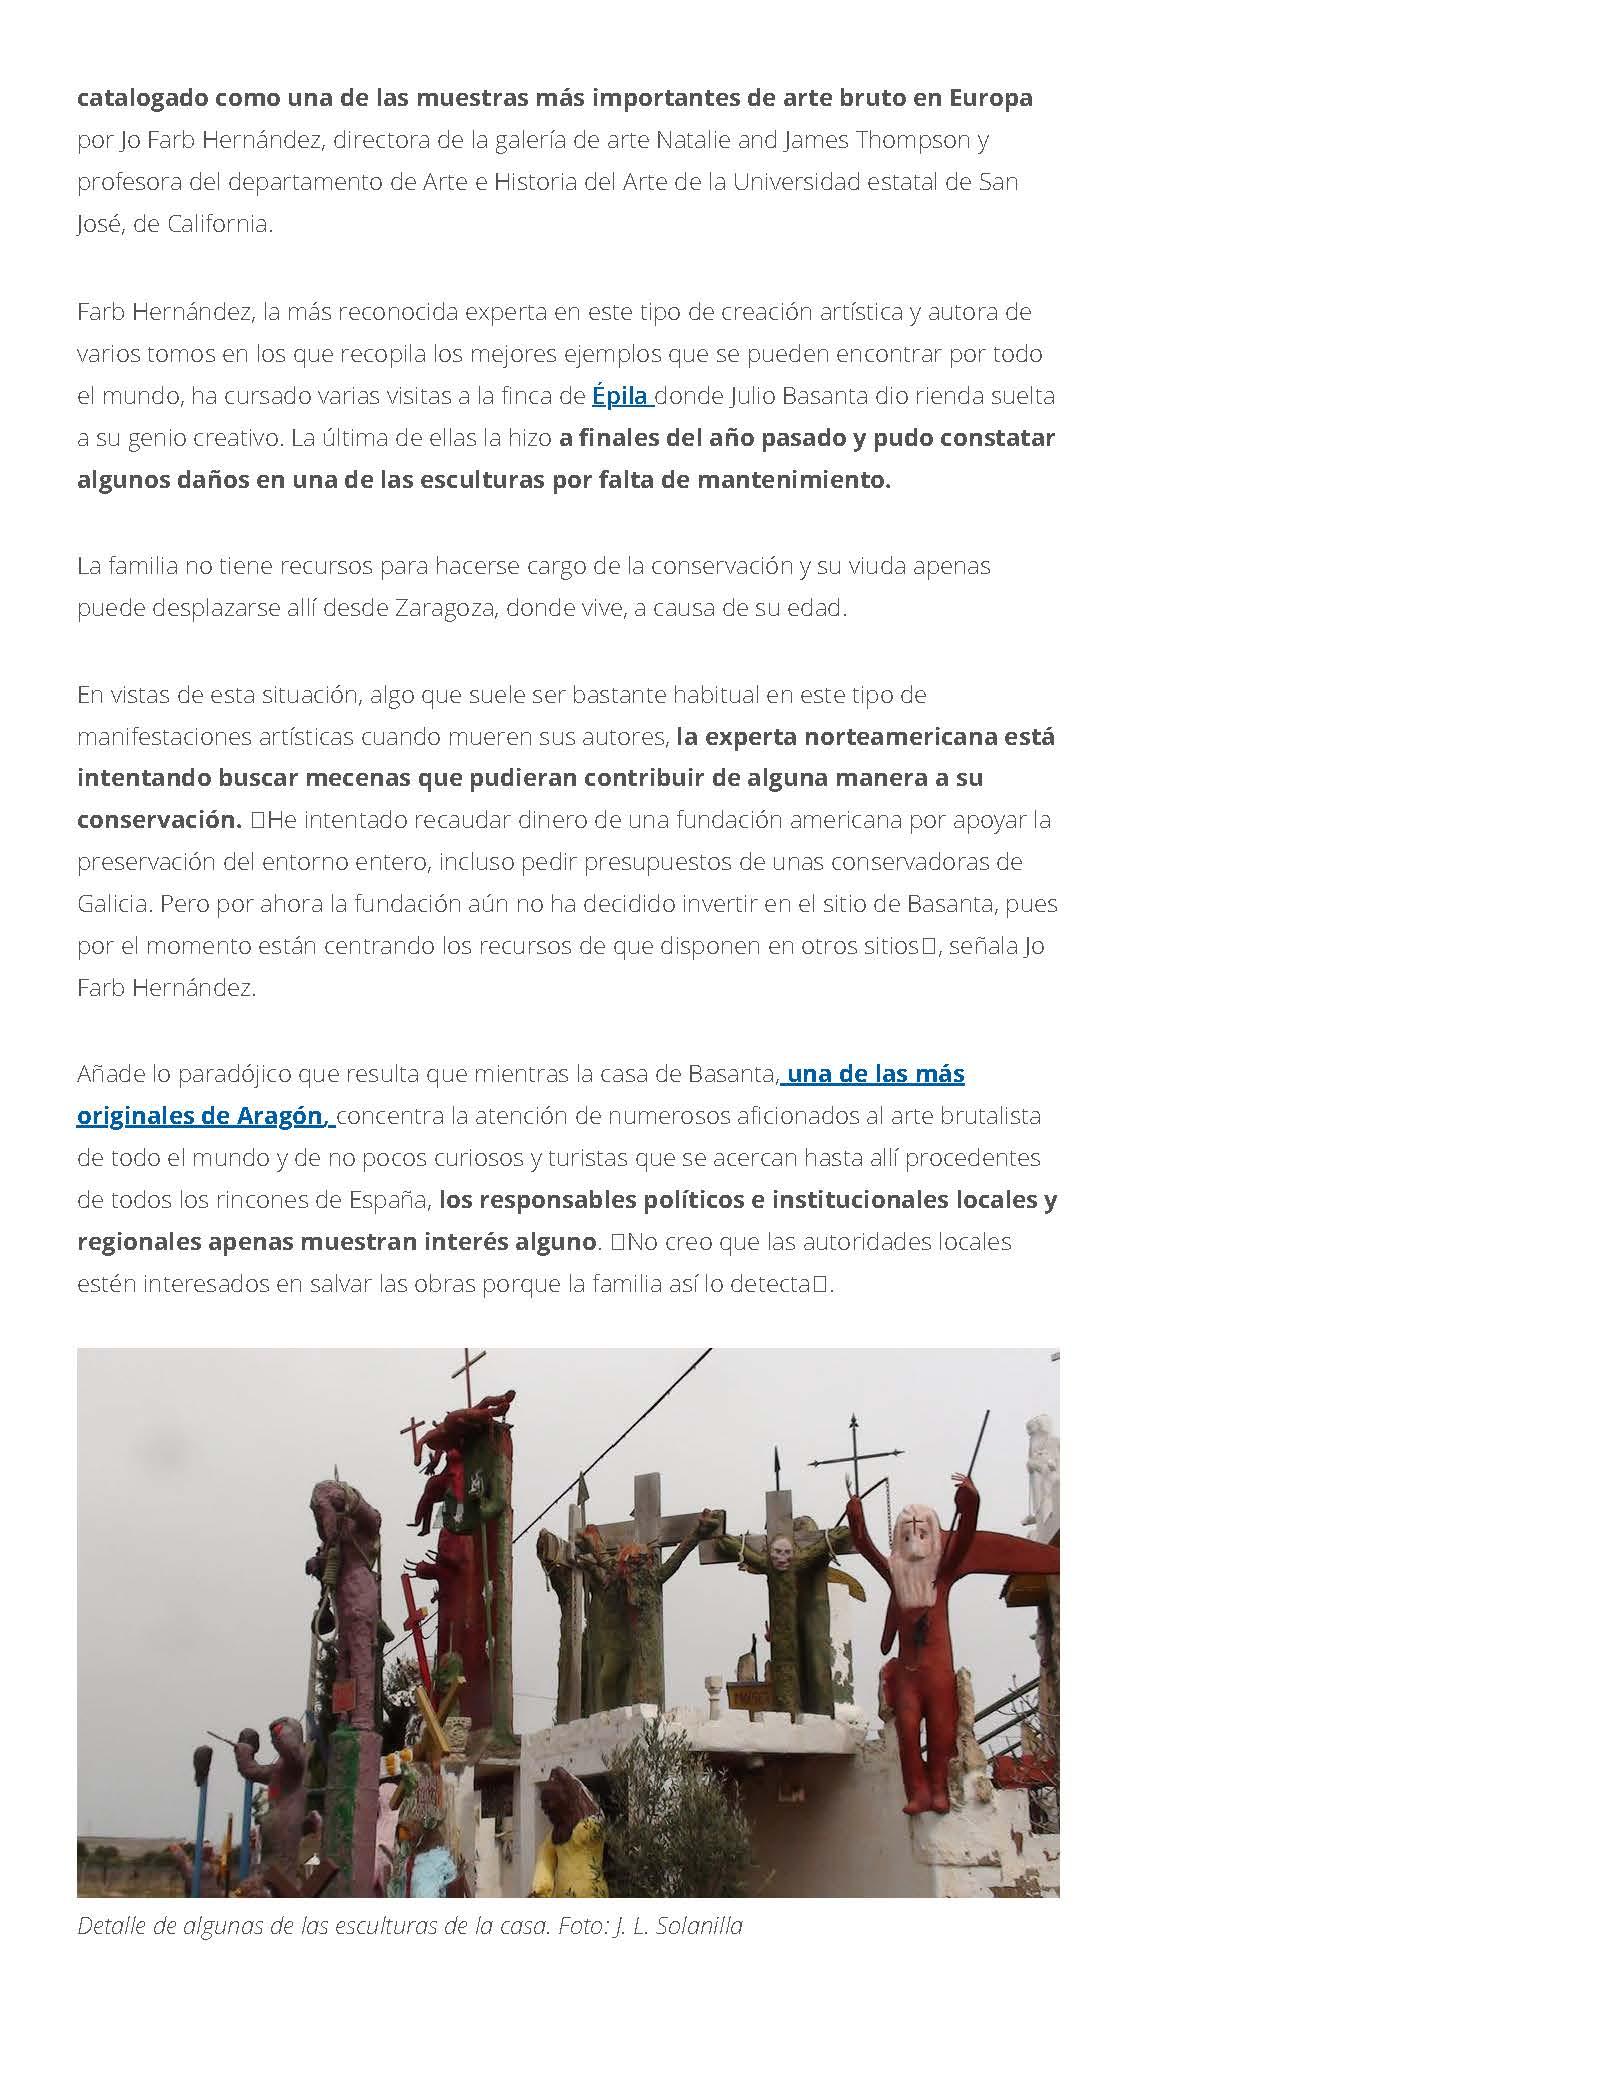 Incierto futuro para la 'Casa de Dios', de Épila, tras la muerte de su creador, Julio Basanta _ Heraldo.es_Page_2